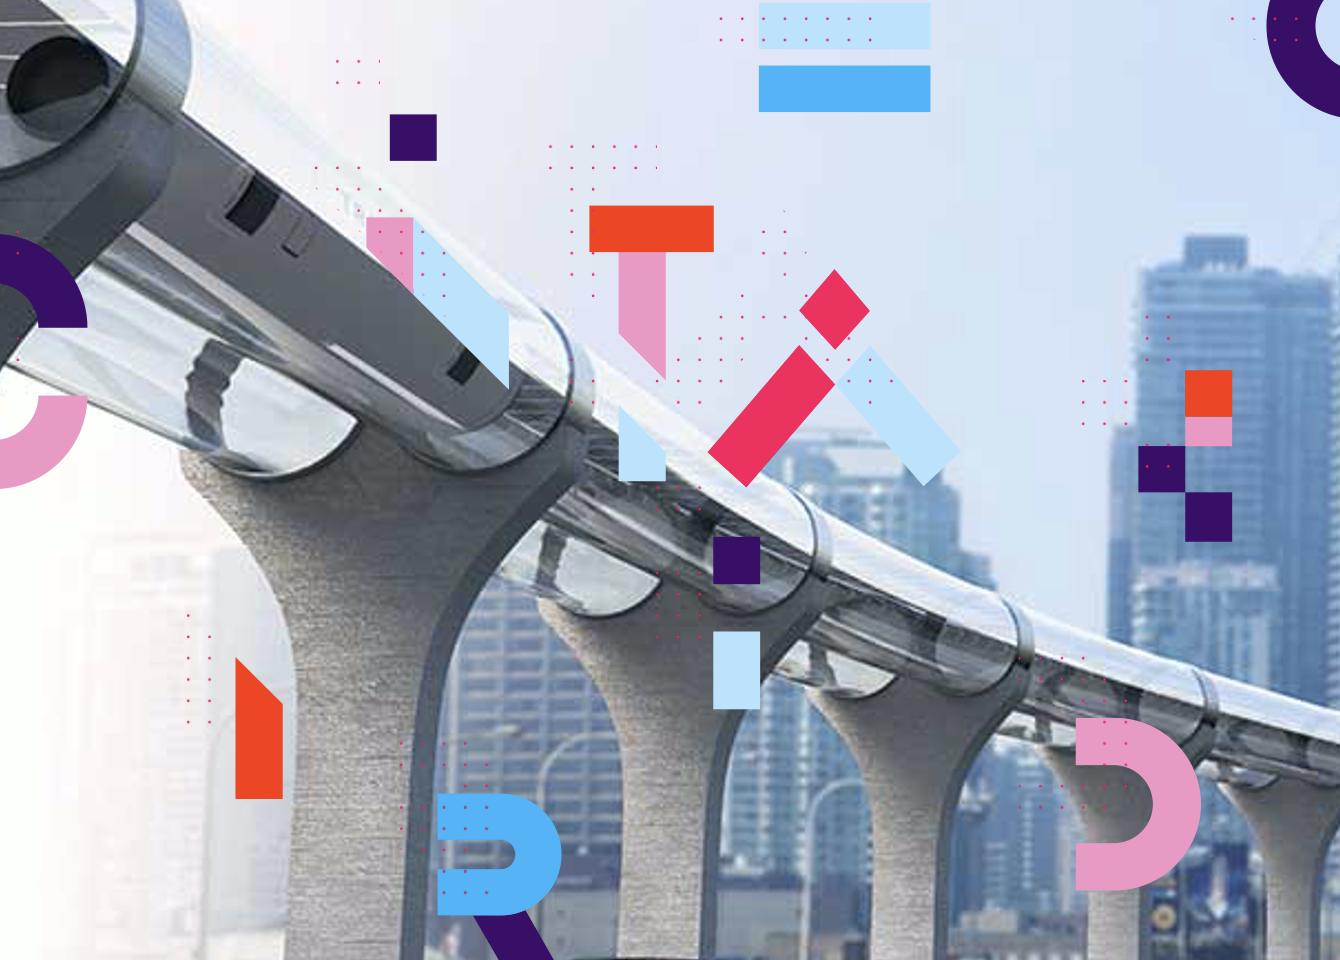 En replay – Le point sur Hyperloop et le transport hyper-rapide par tube